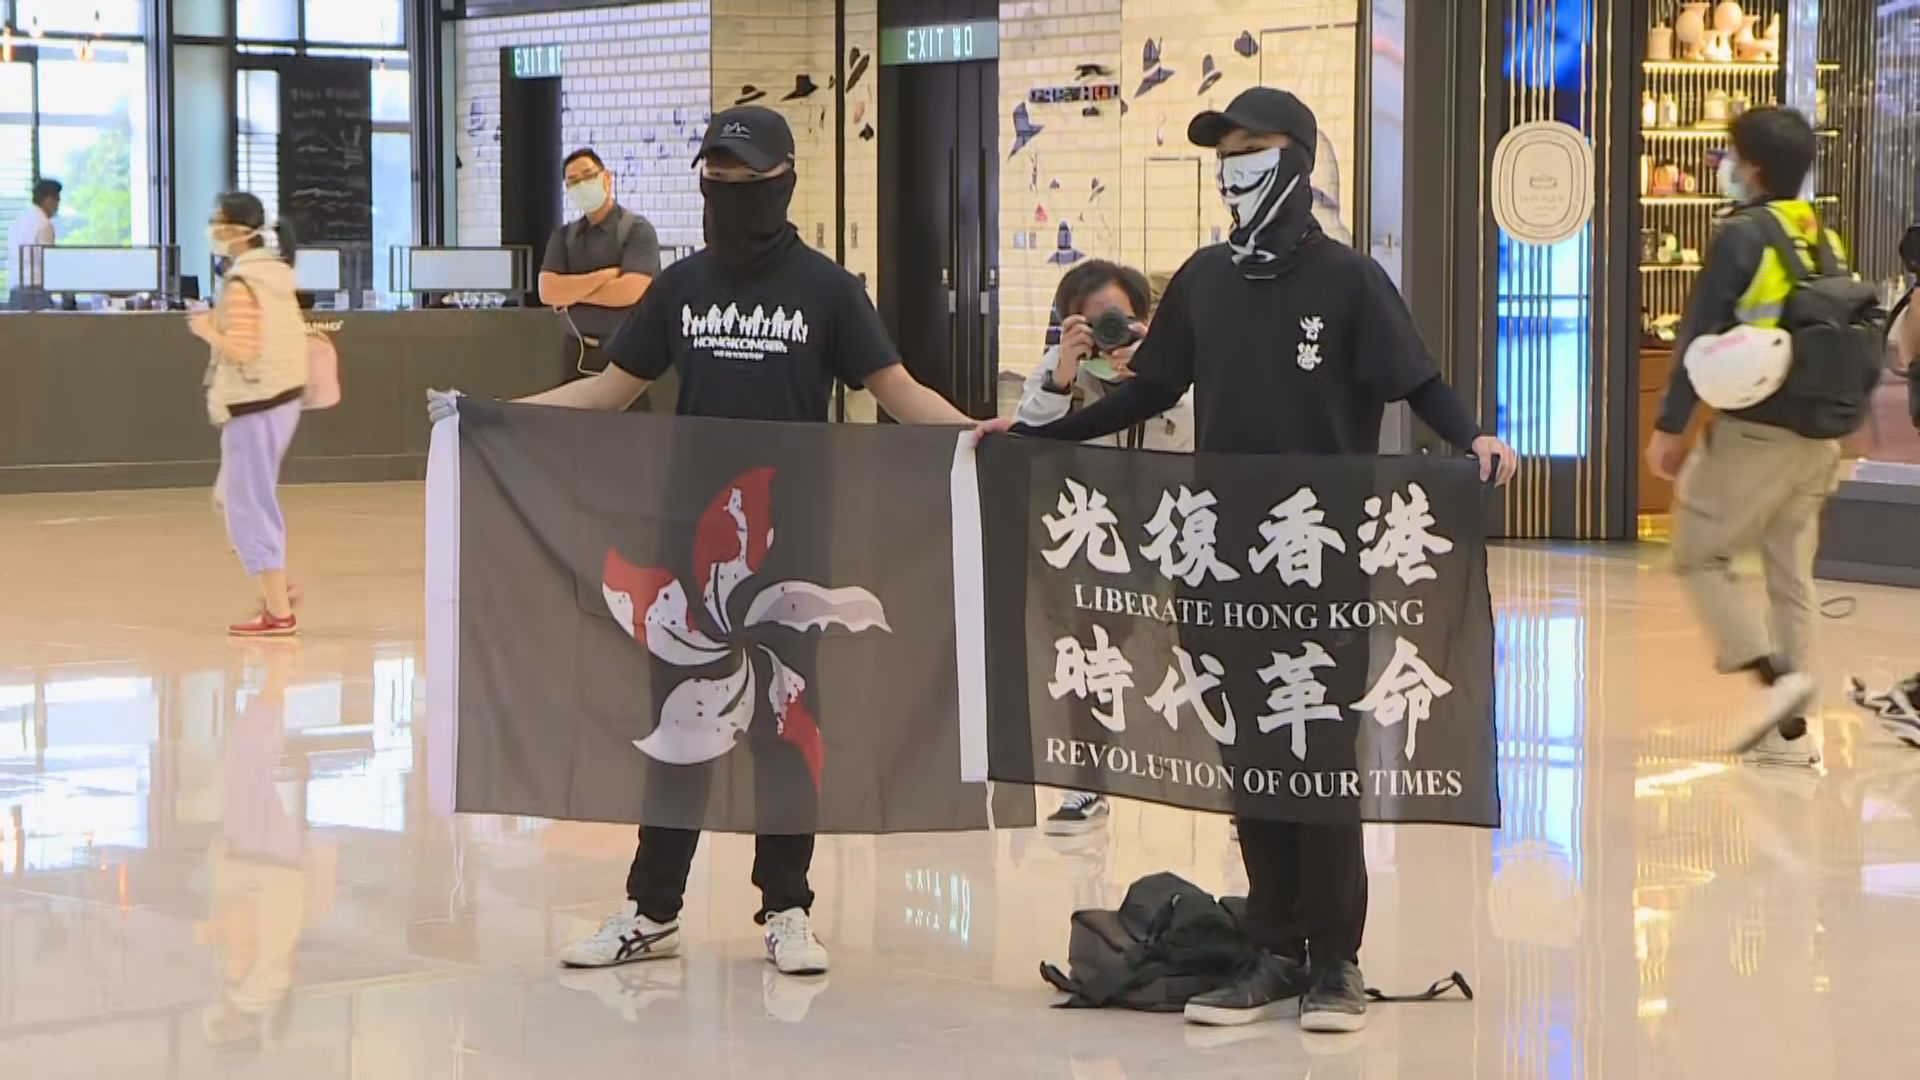 國際金融中心商場有人聚集 警到場驅散